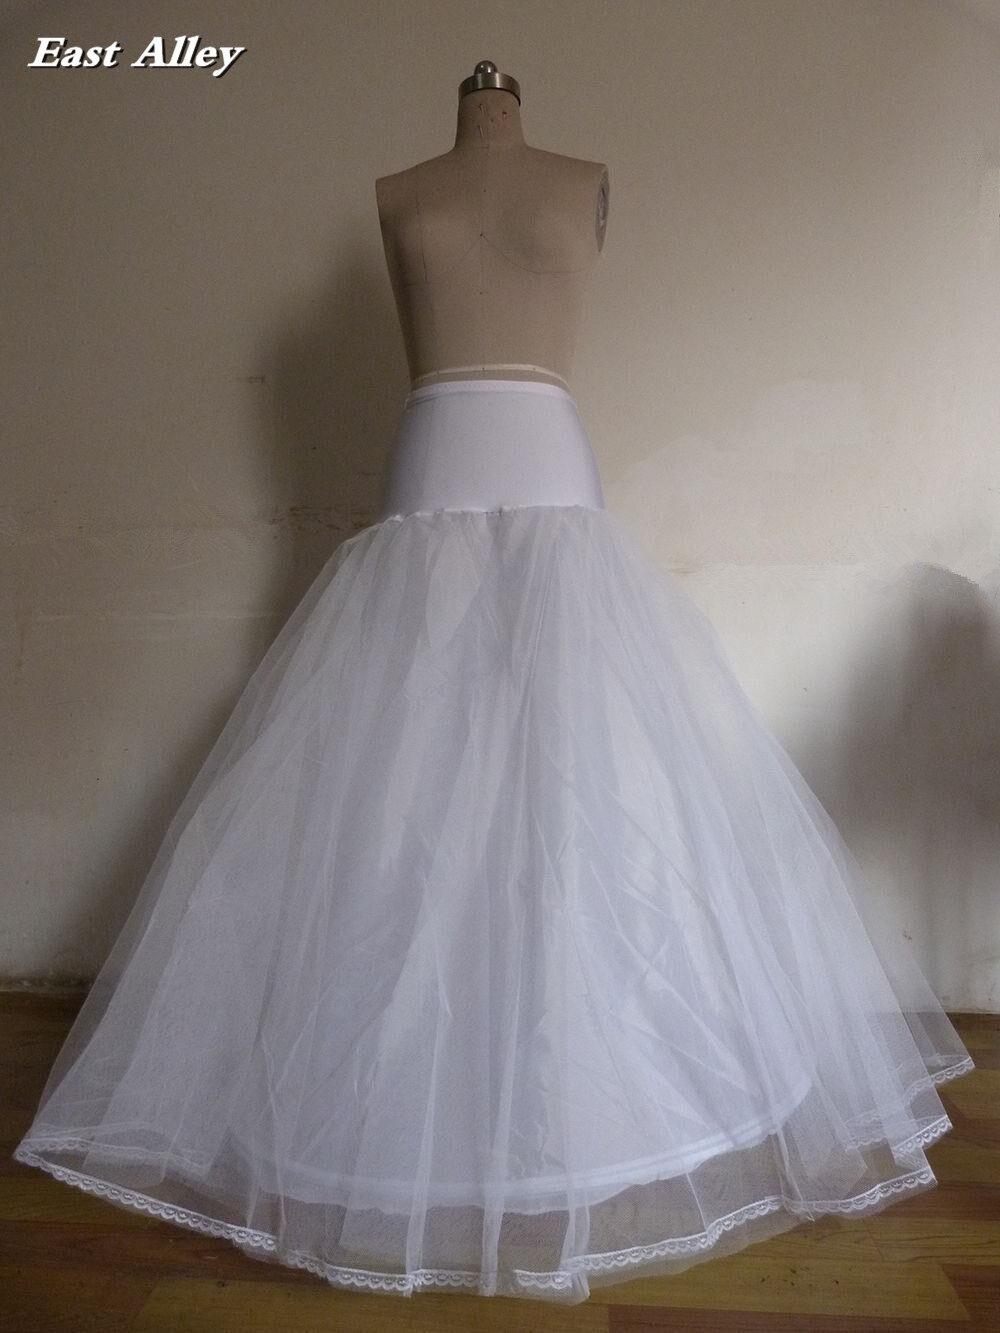 Berühmt Krinoline Slip Für Hochzeitskleid Fotos - Brautkleider Ideen ...